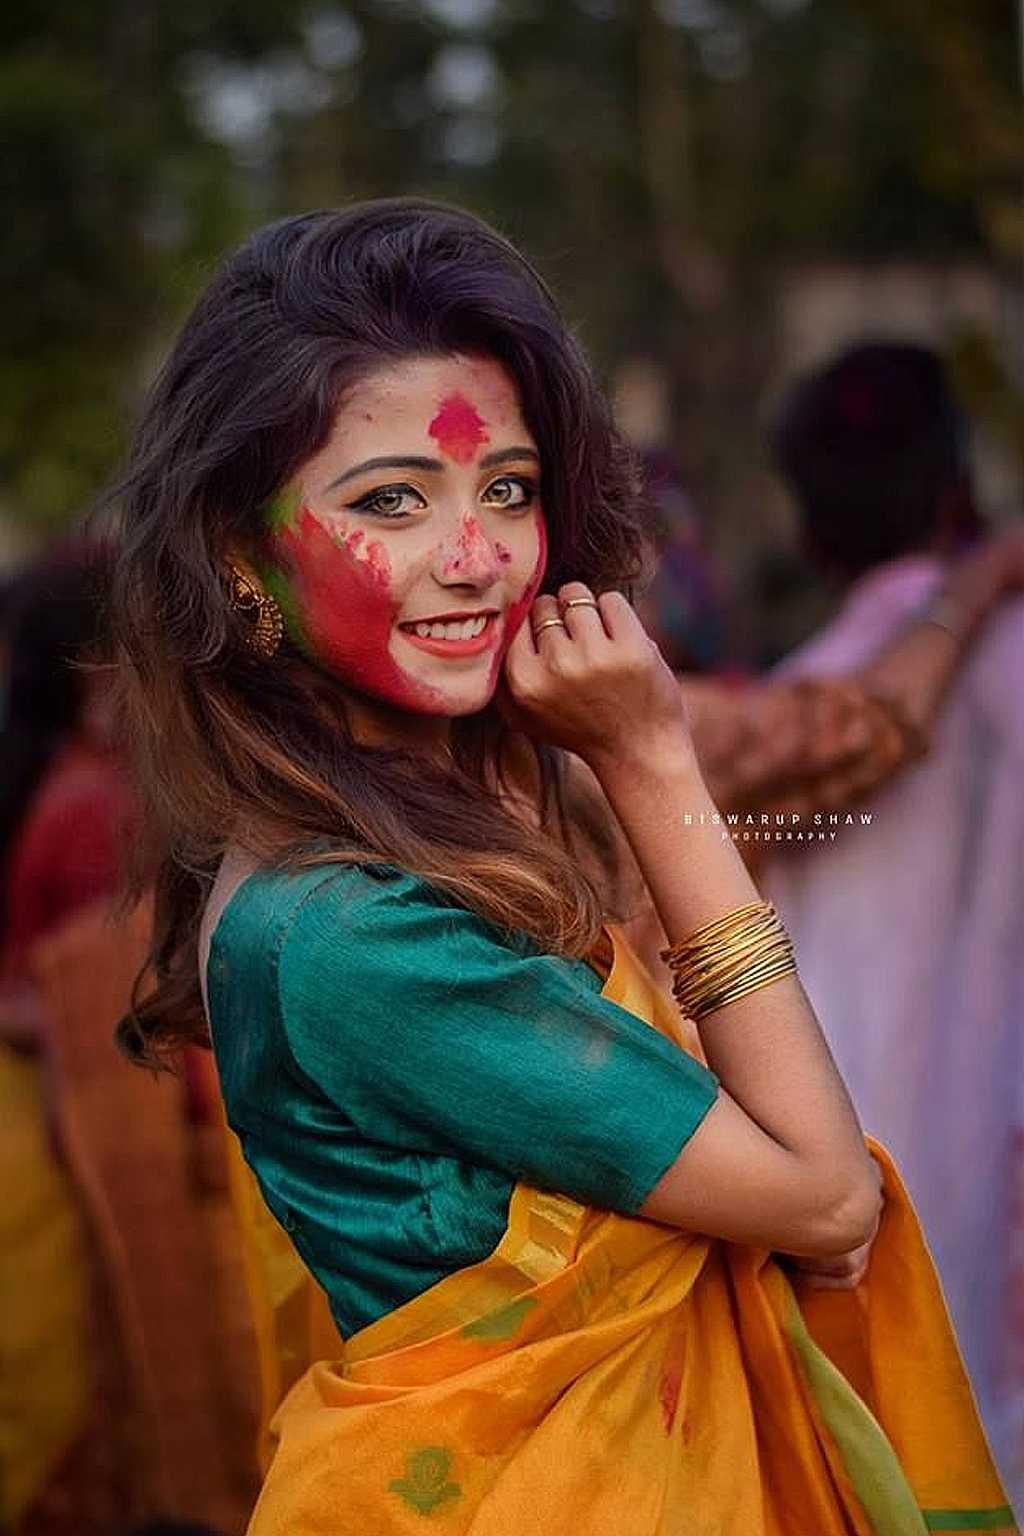 印度神秘少女「眼睛會勾人」 綠寶石雙眼爆紅全網:網友都忍不住分享 – 爆笑博客